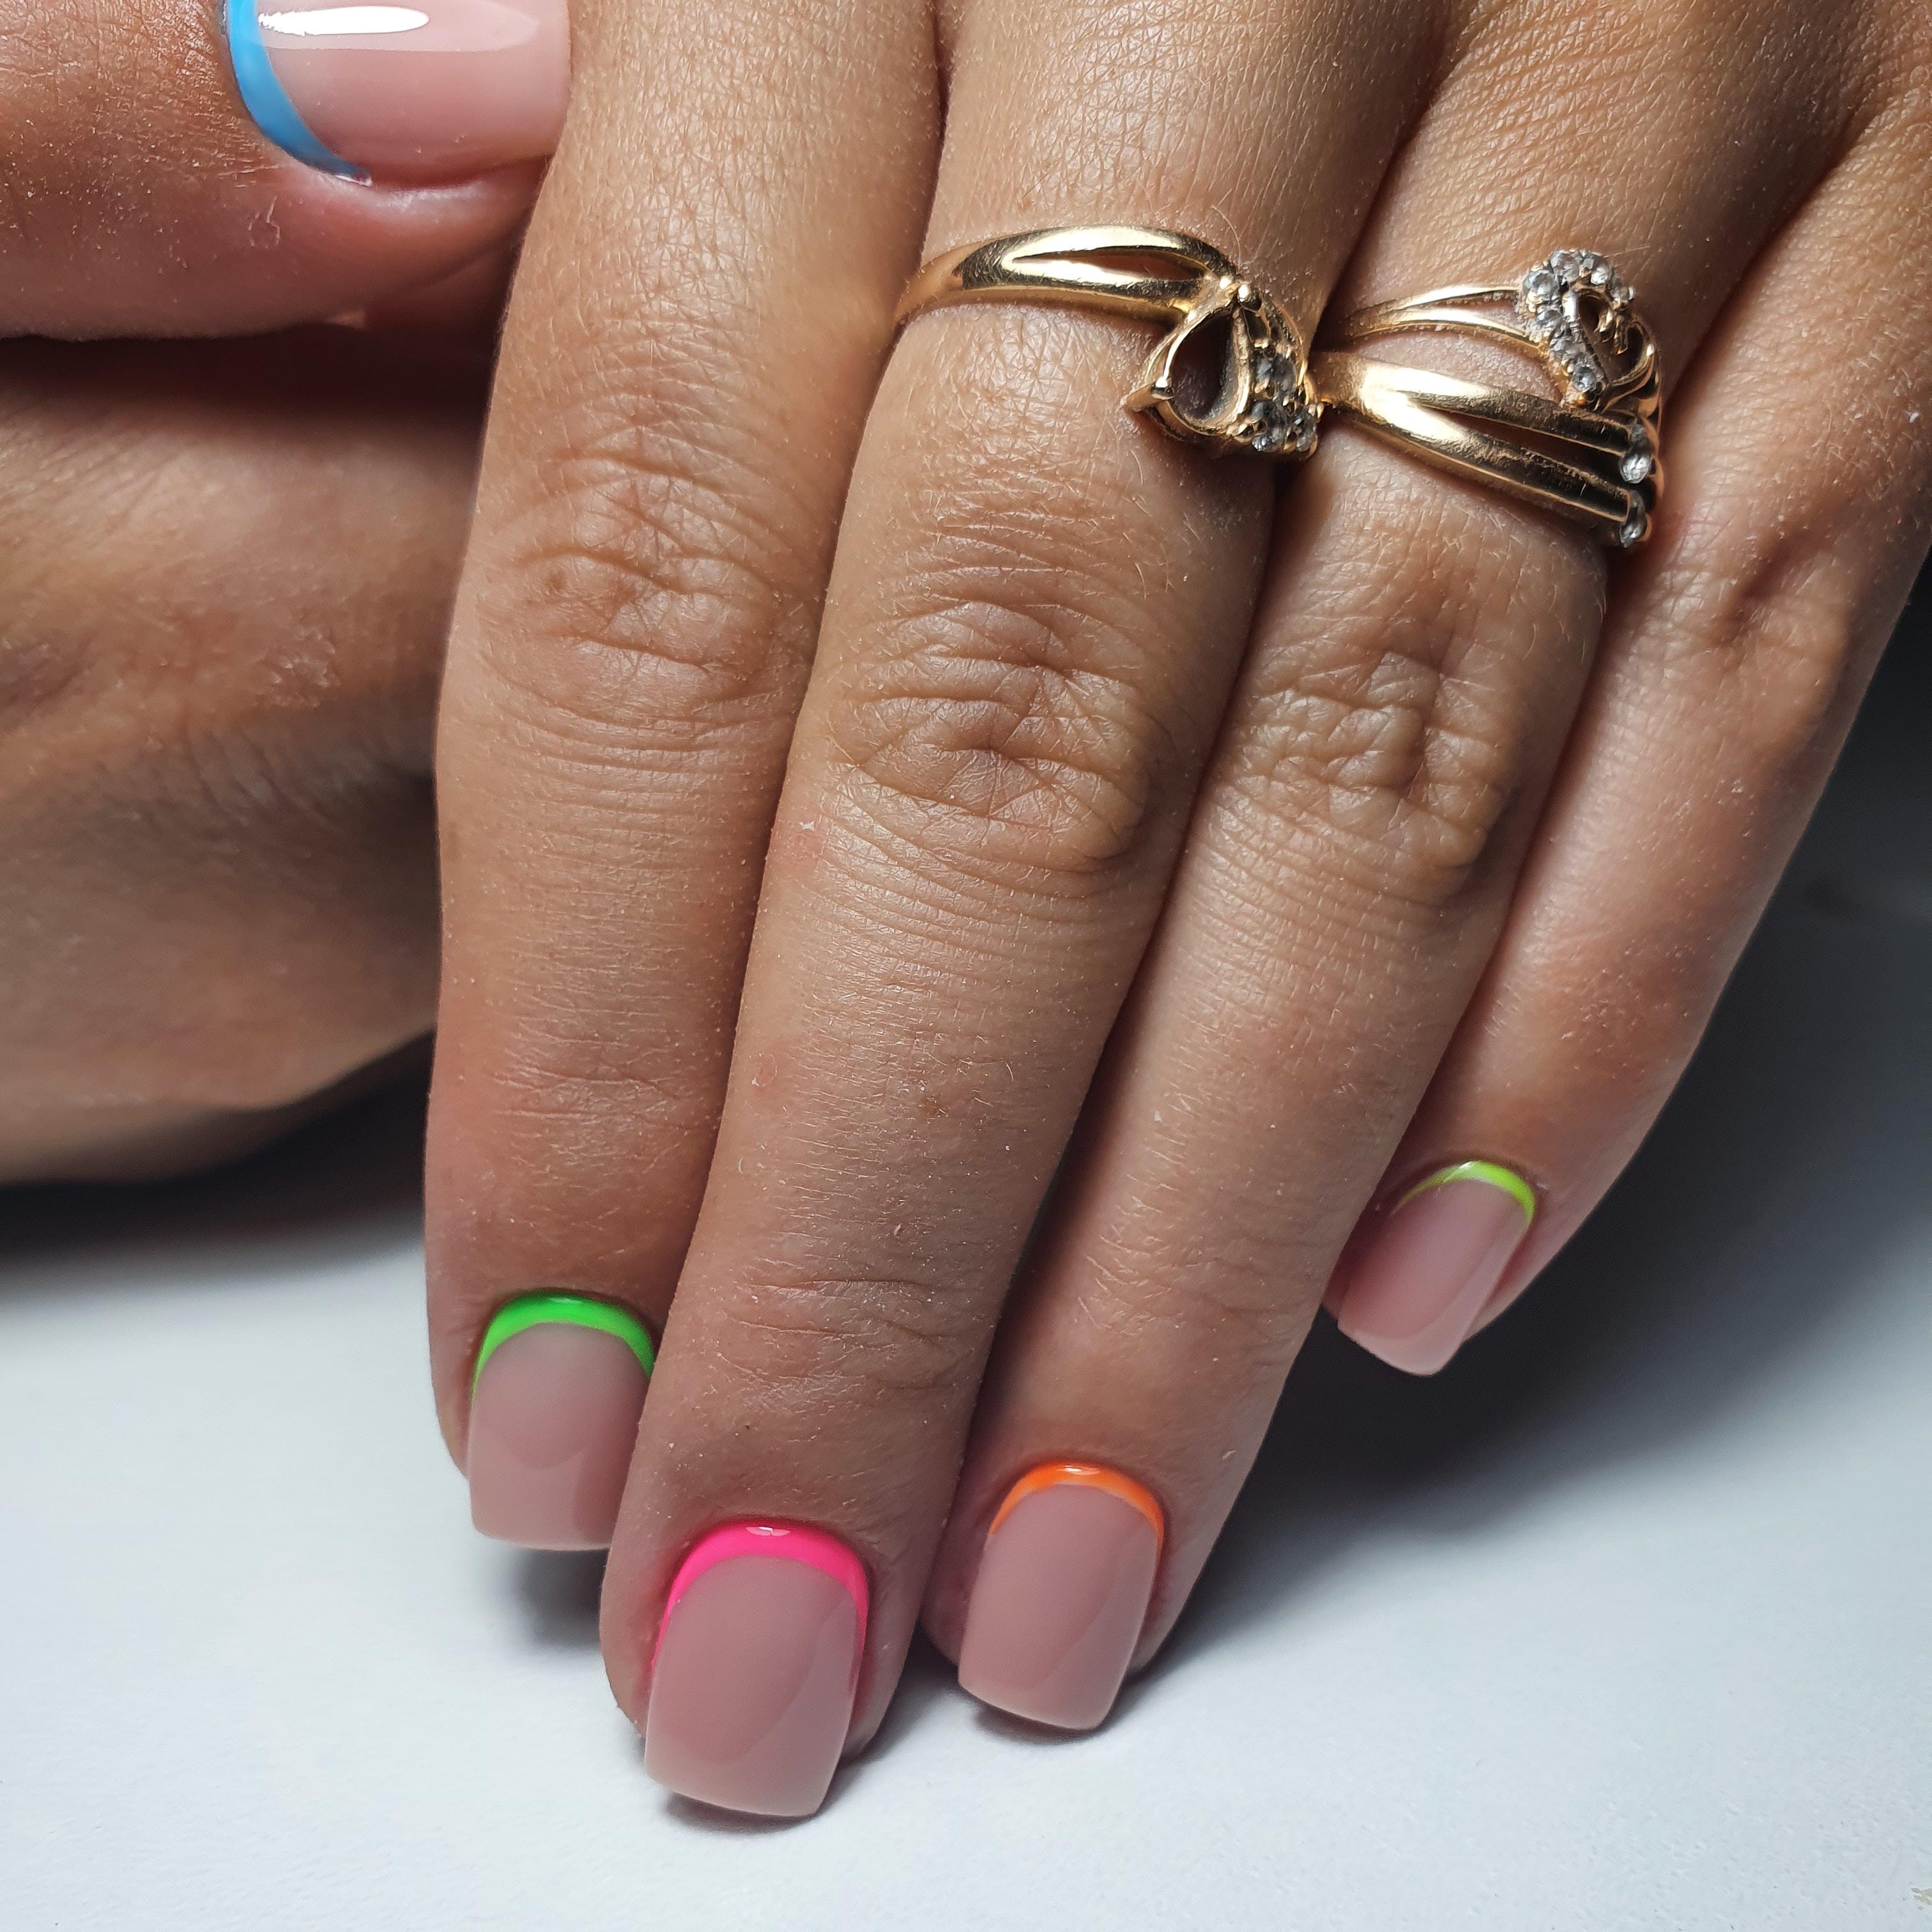 Нюдовый маникюр с цветным лунным дизайном на короткие ногти.